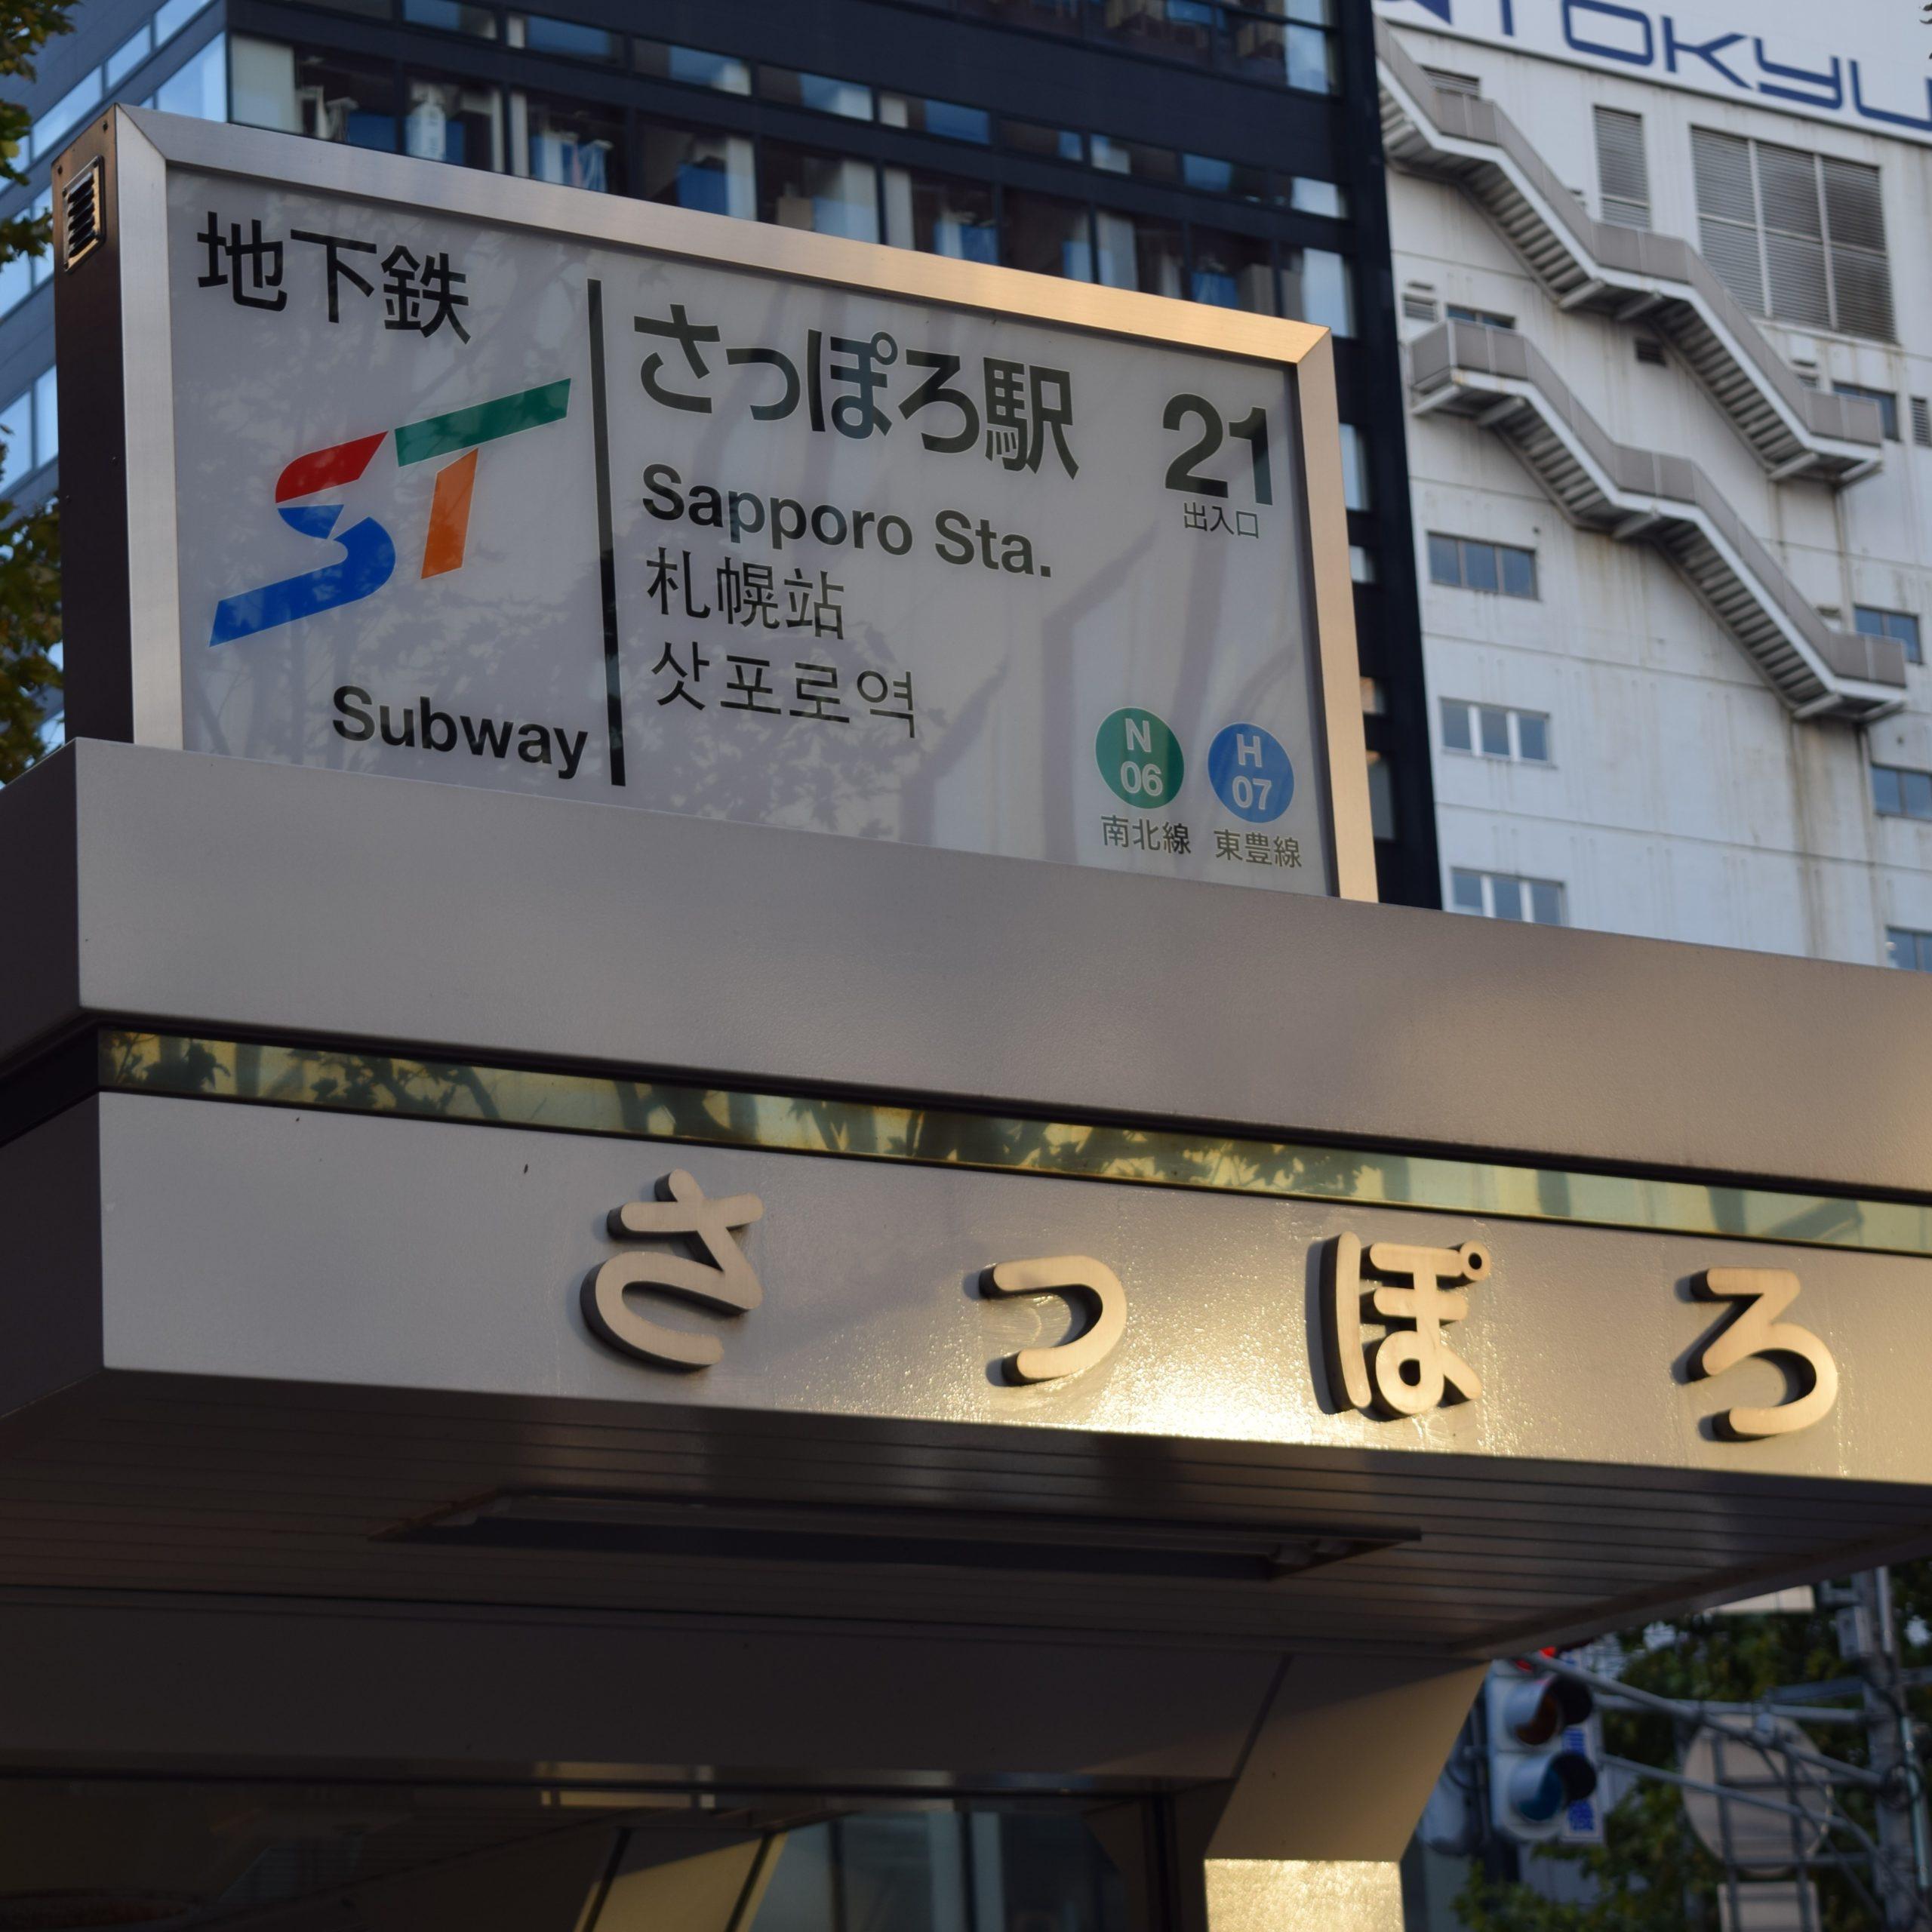 地下鉄駅ライブカメラ